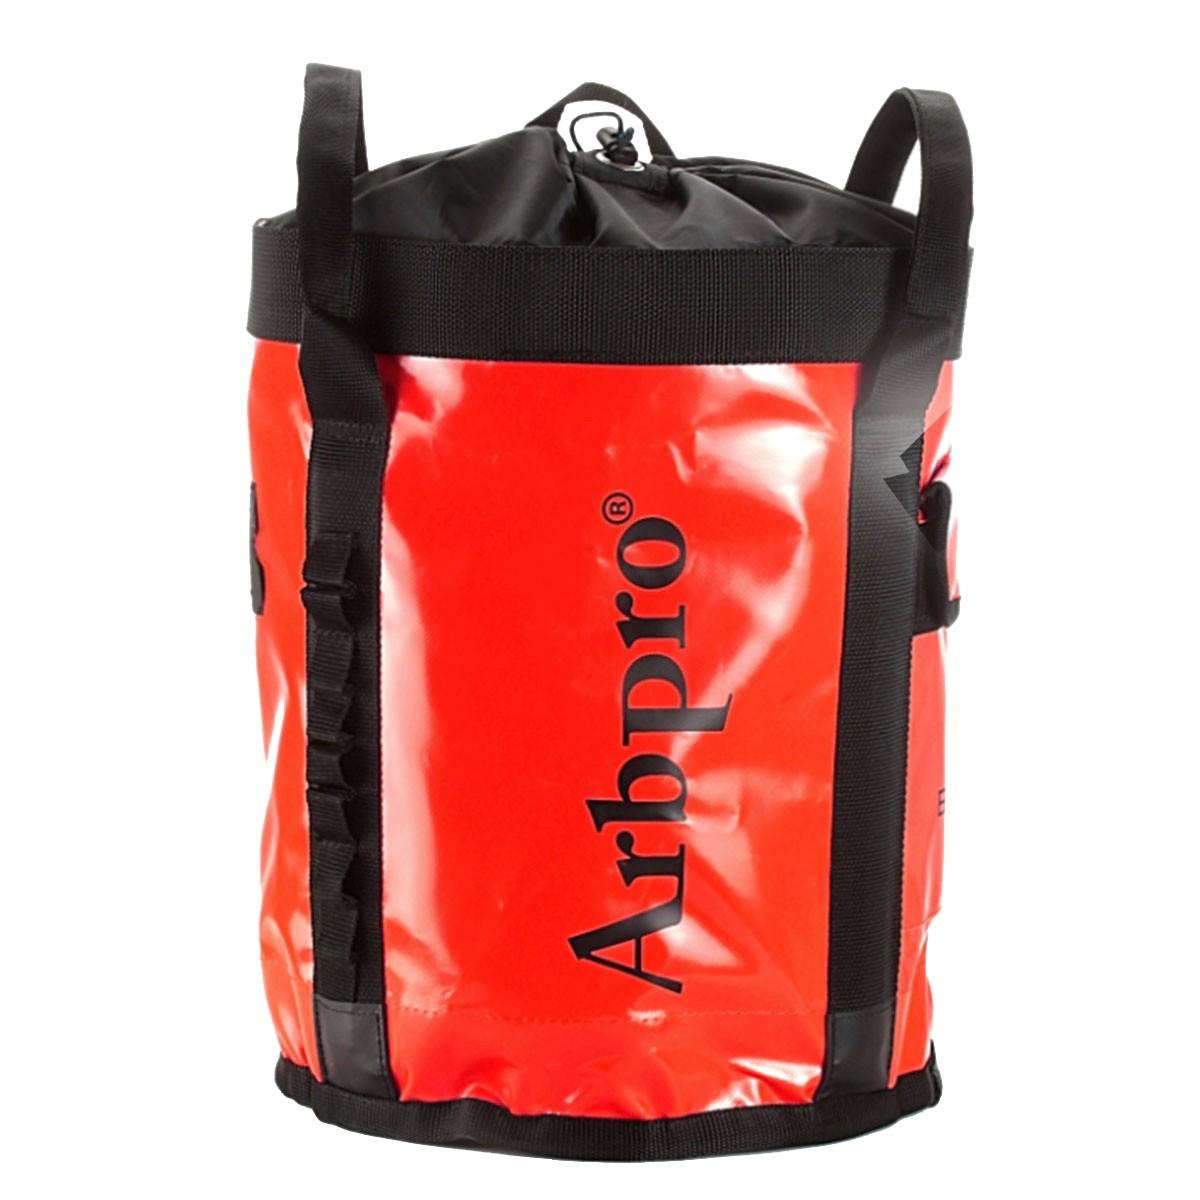 Arbpro Bucket Bag 28 ltr